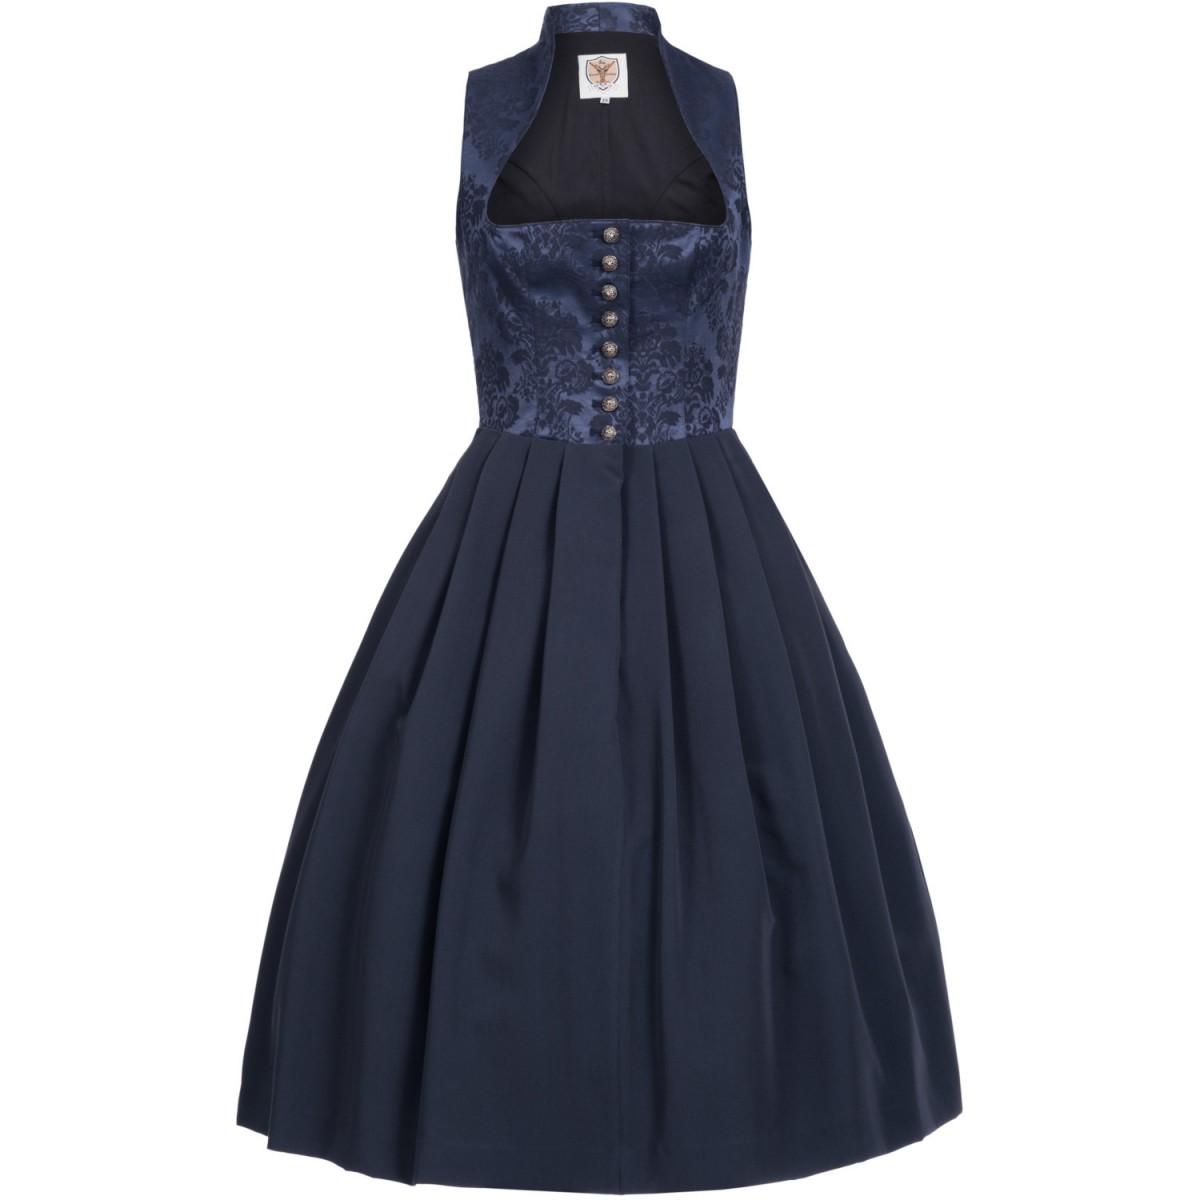 Midi Dirndl Victoria in Blau von Apple of my Eye günstig online kaufen